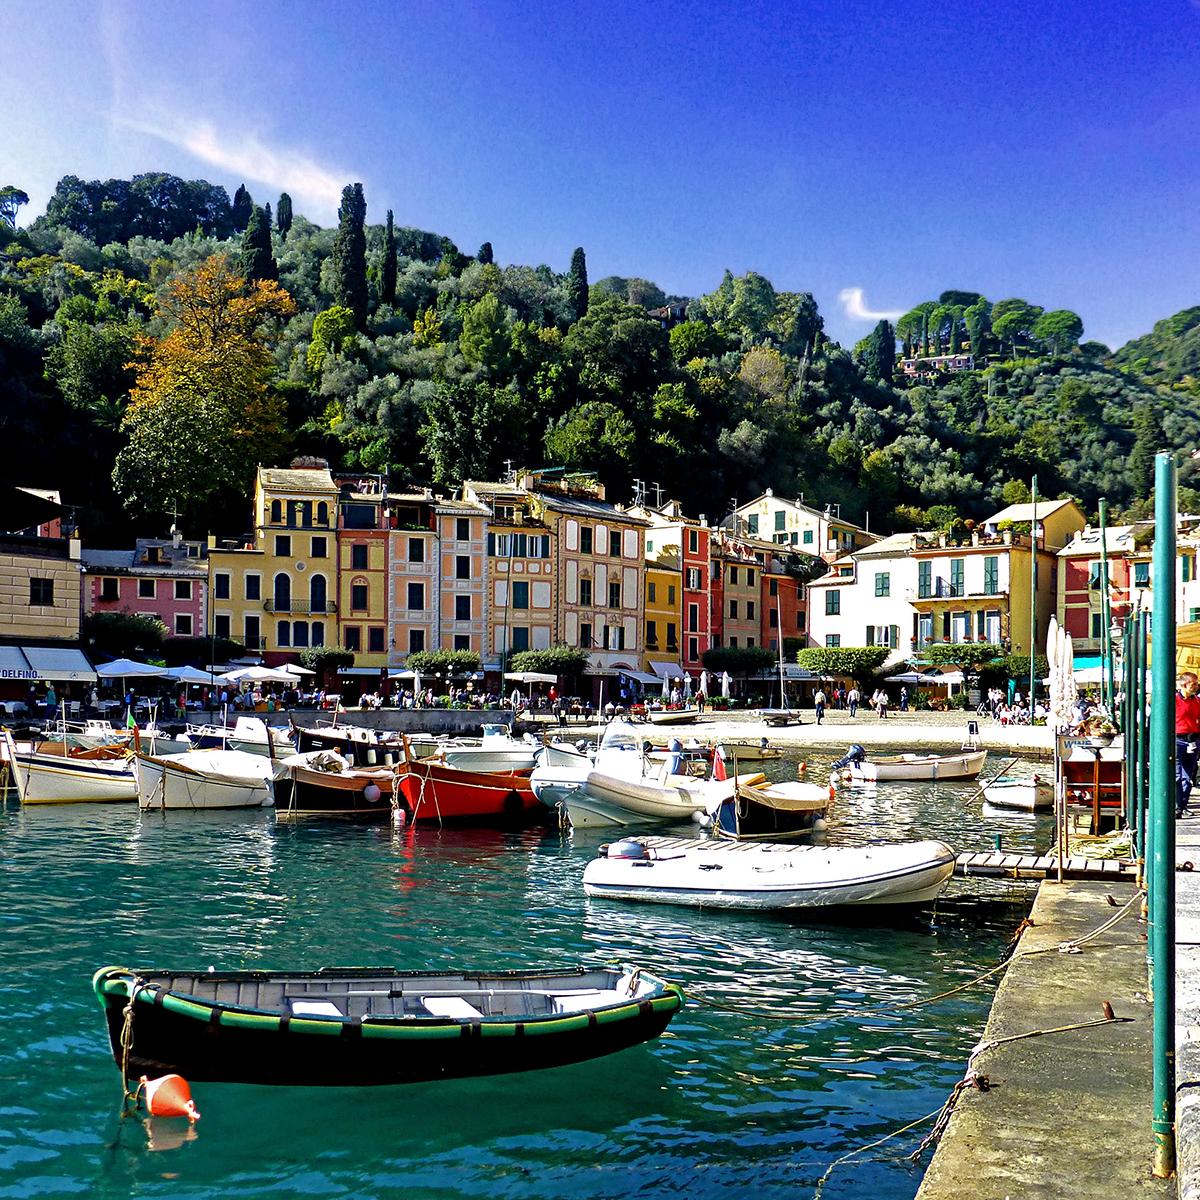 Riveria in Portofino, Genoa, Italy